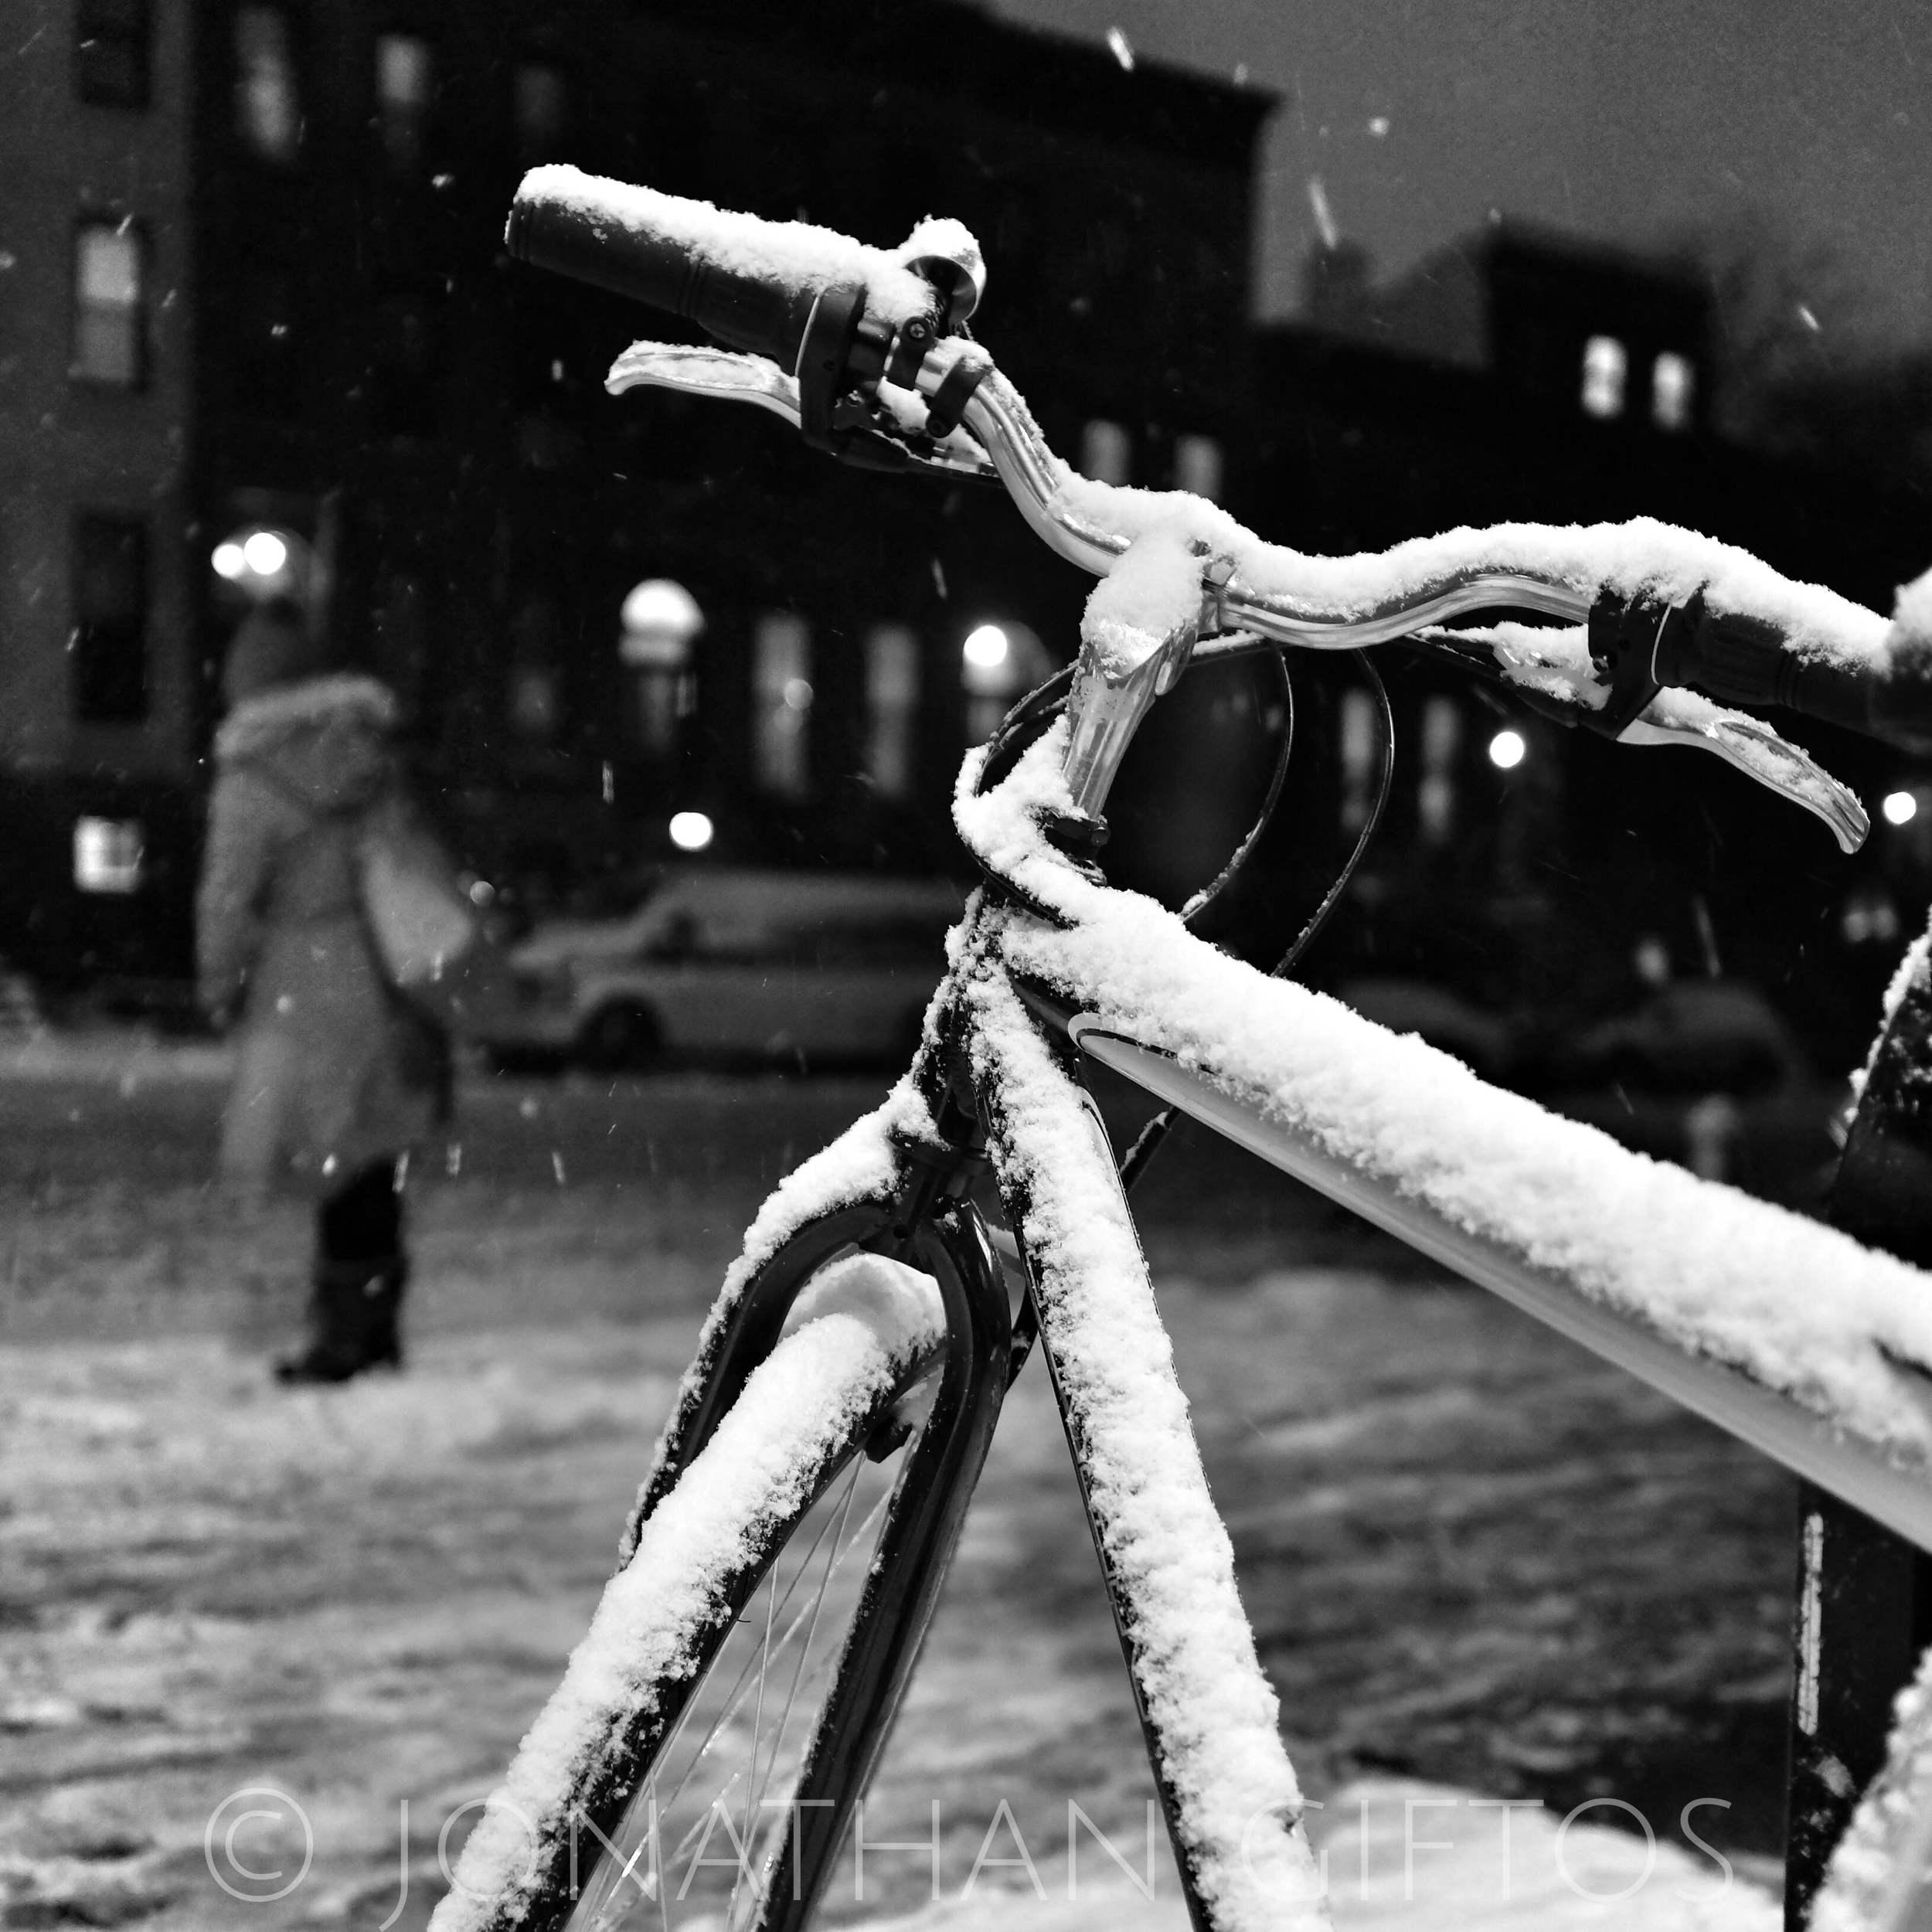 Bike, neglected (2015)